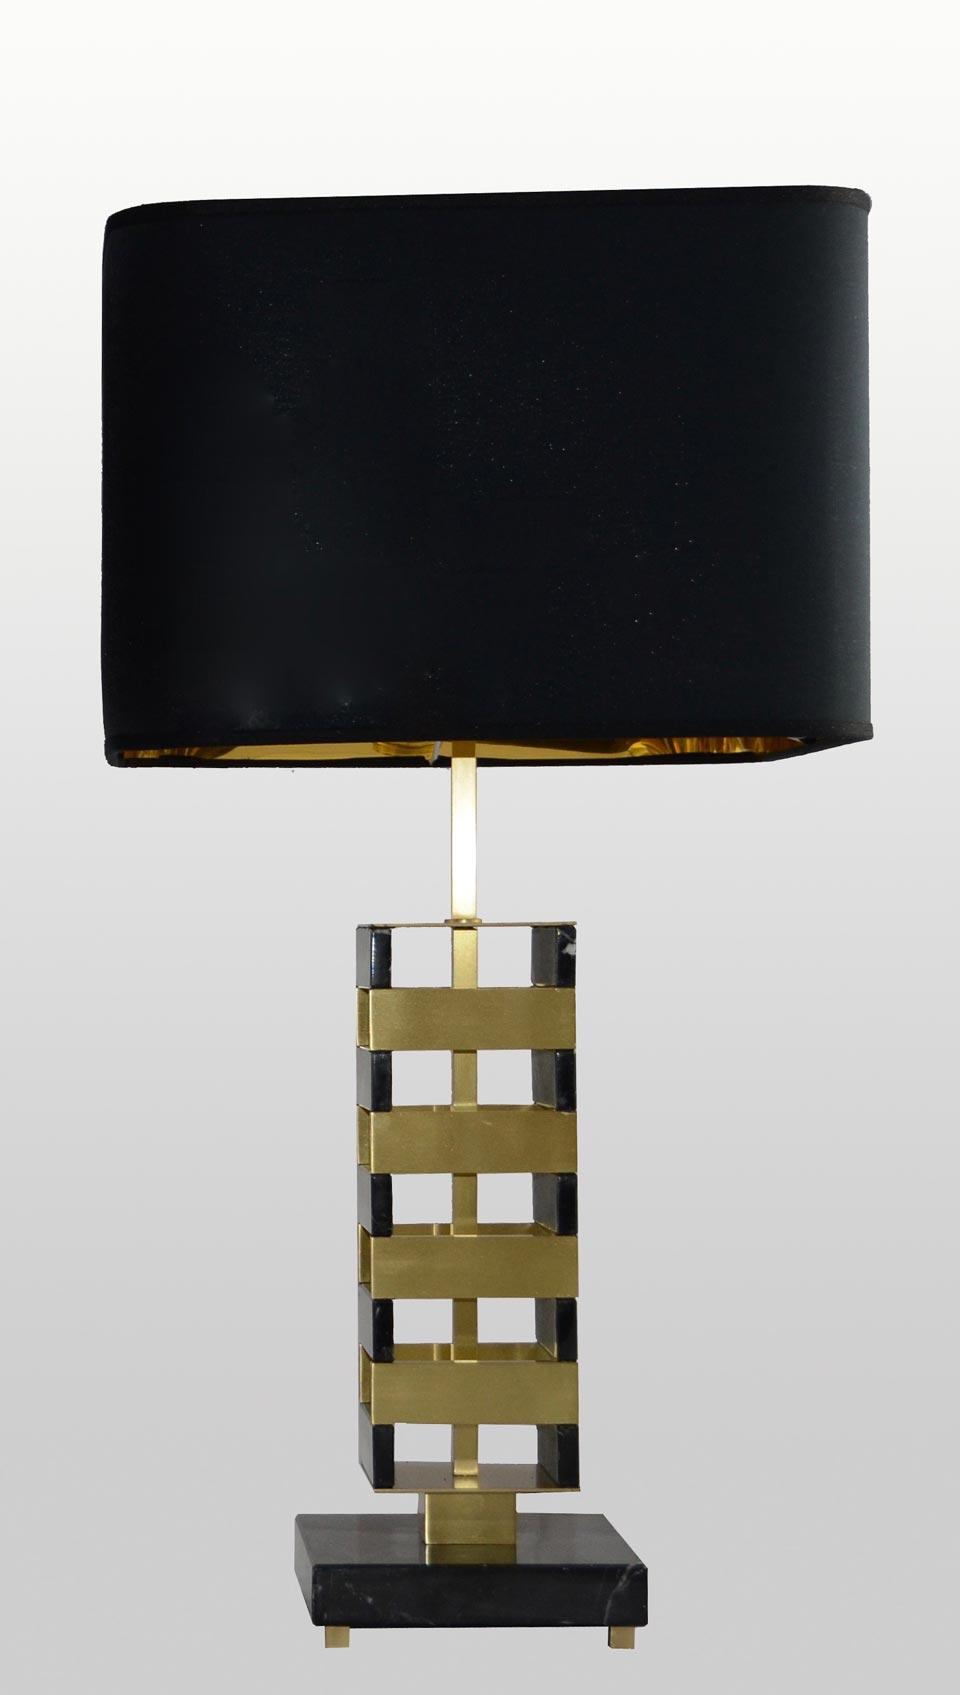 Lampe de table en marbre noir et laiton brossé Jenga. Matlight.